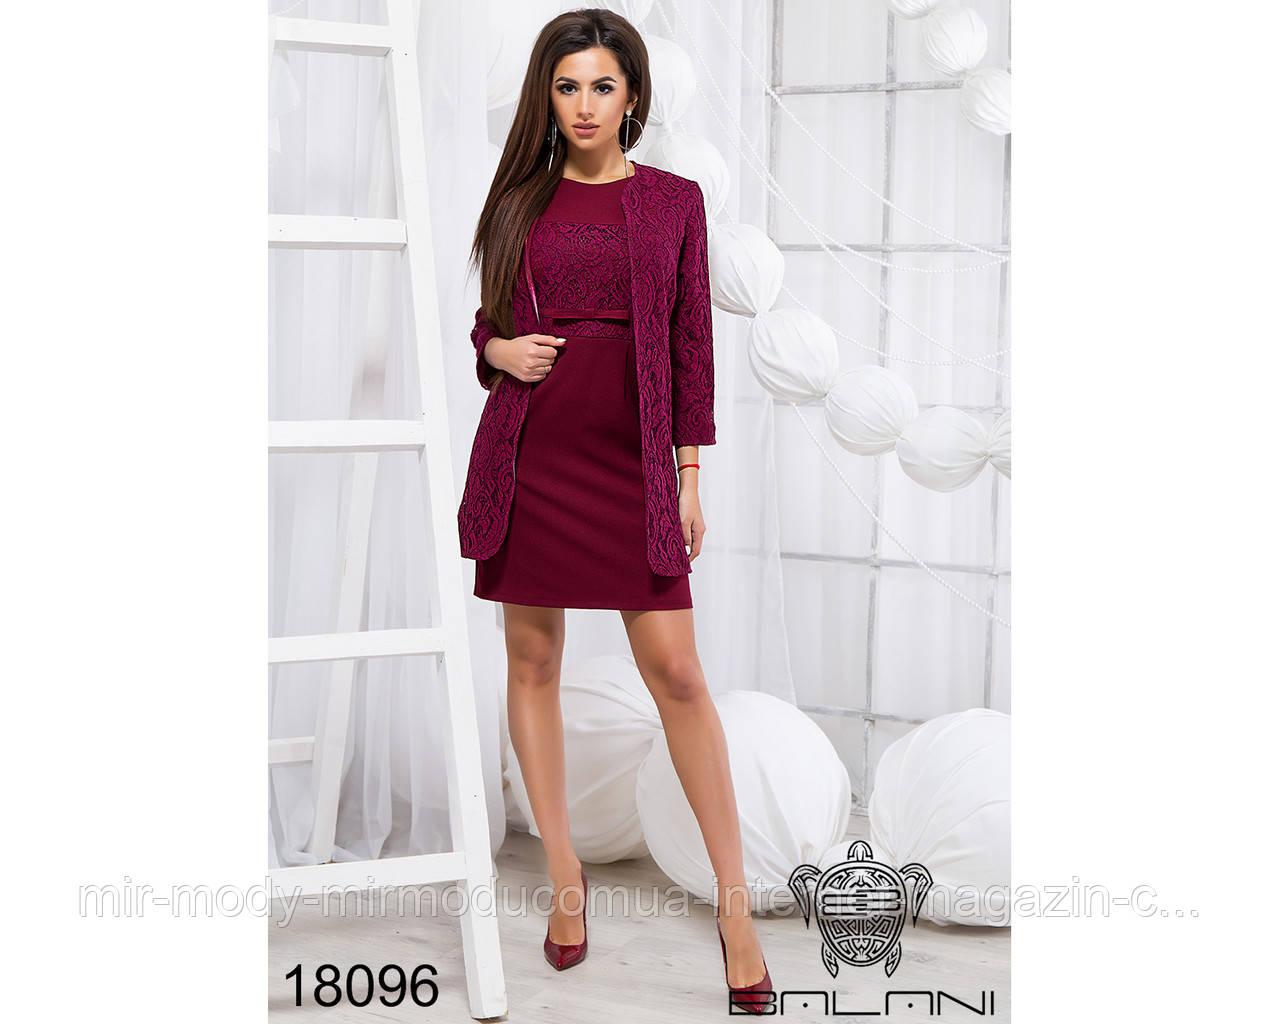 Стильное платье с пиджаком - 18096 (б-ни)